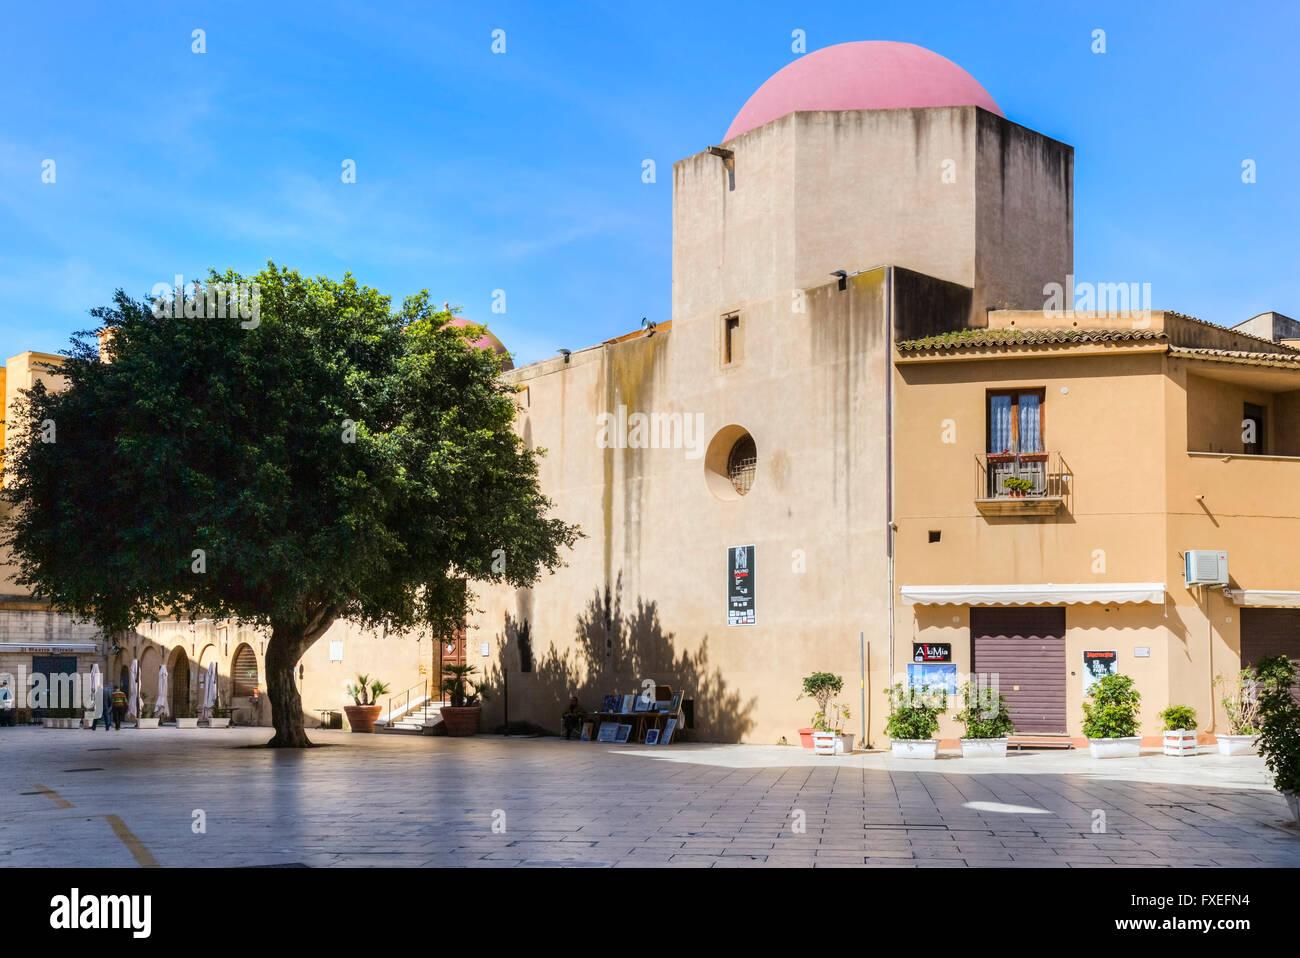 Mazara del Vallo, Piazza Plebiscito, Sicily, Italy - Stock Image